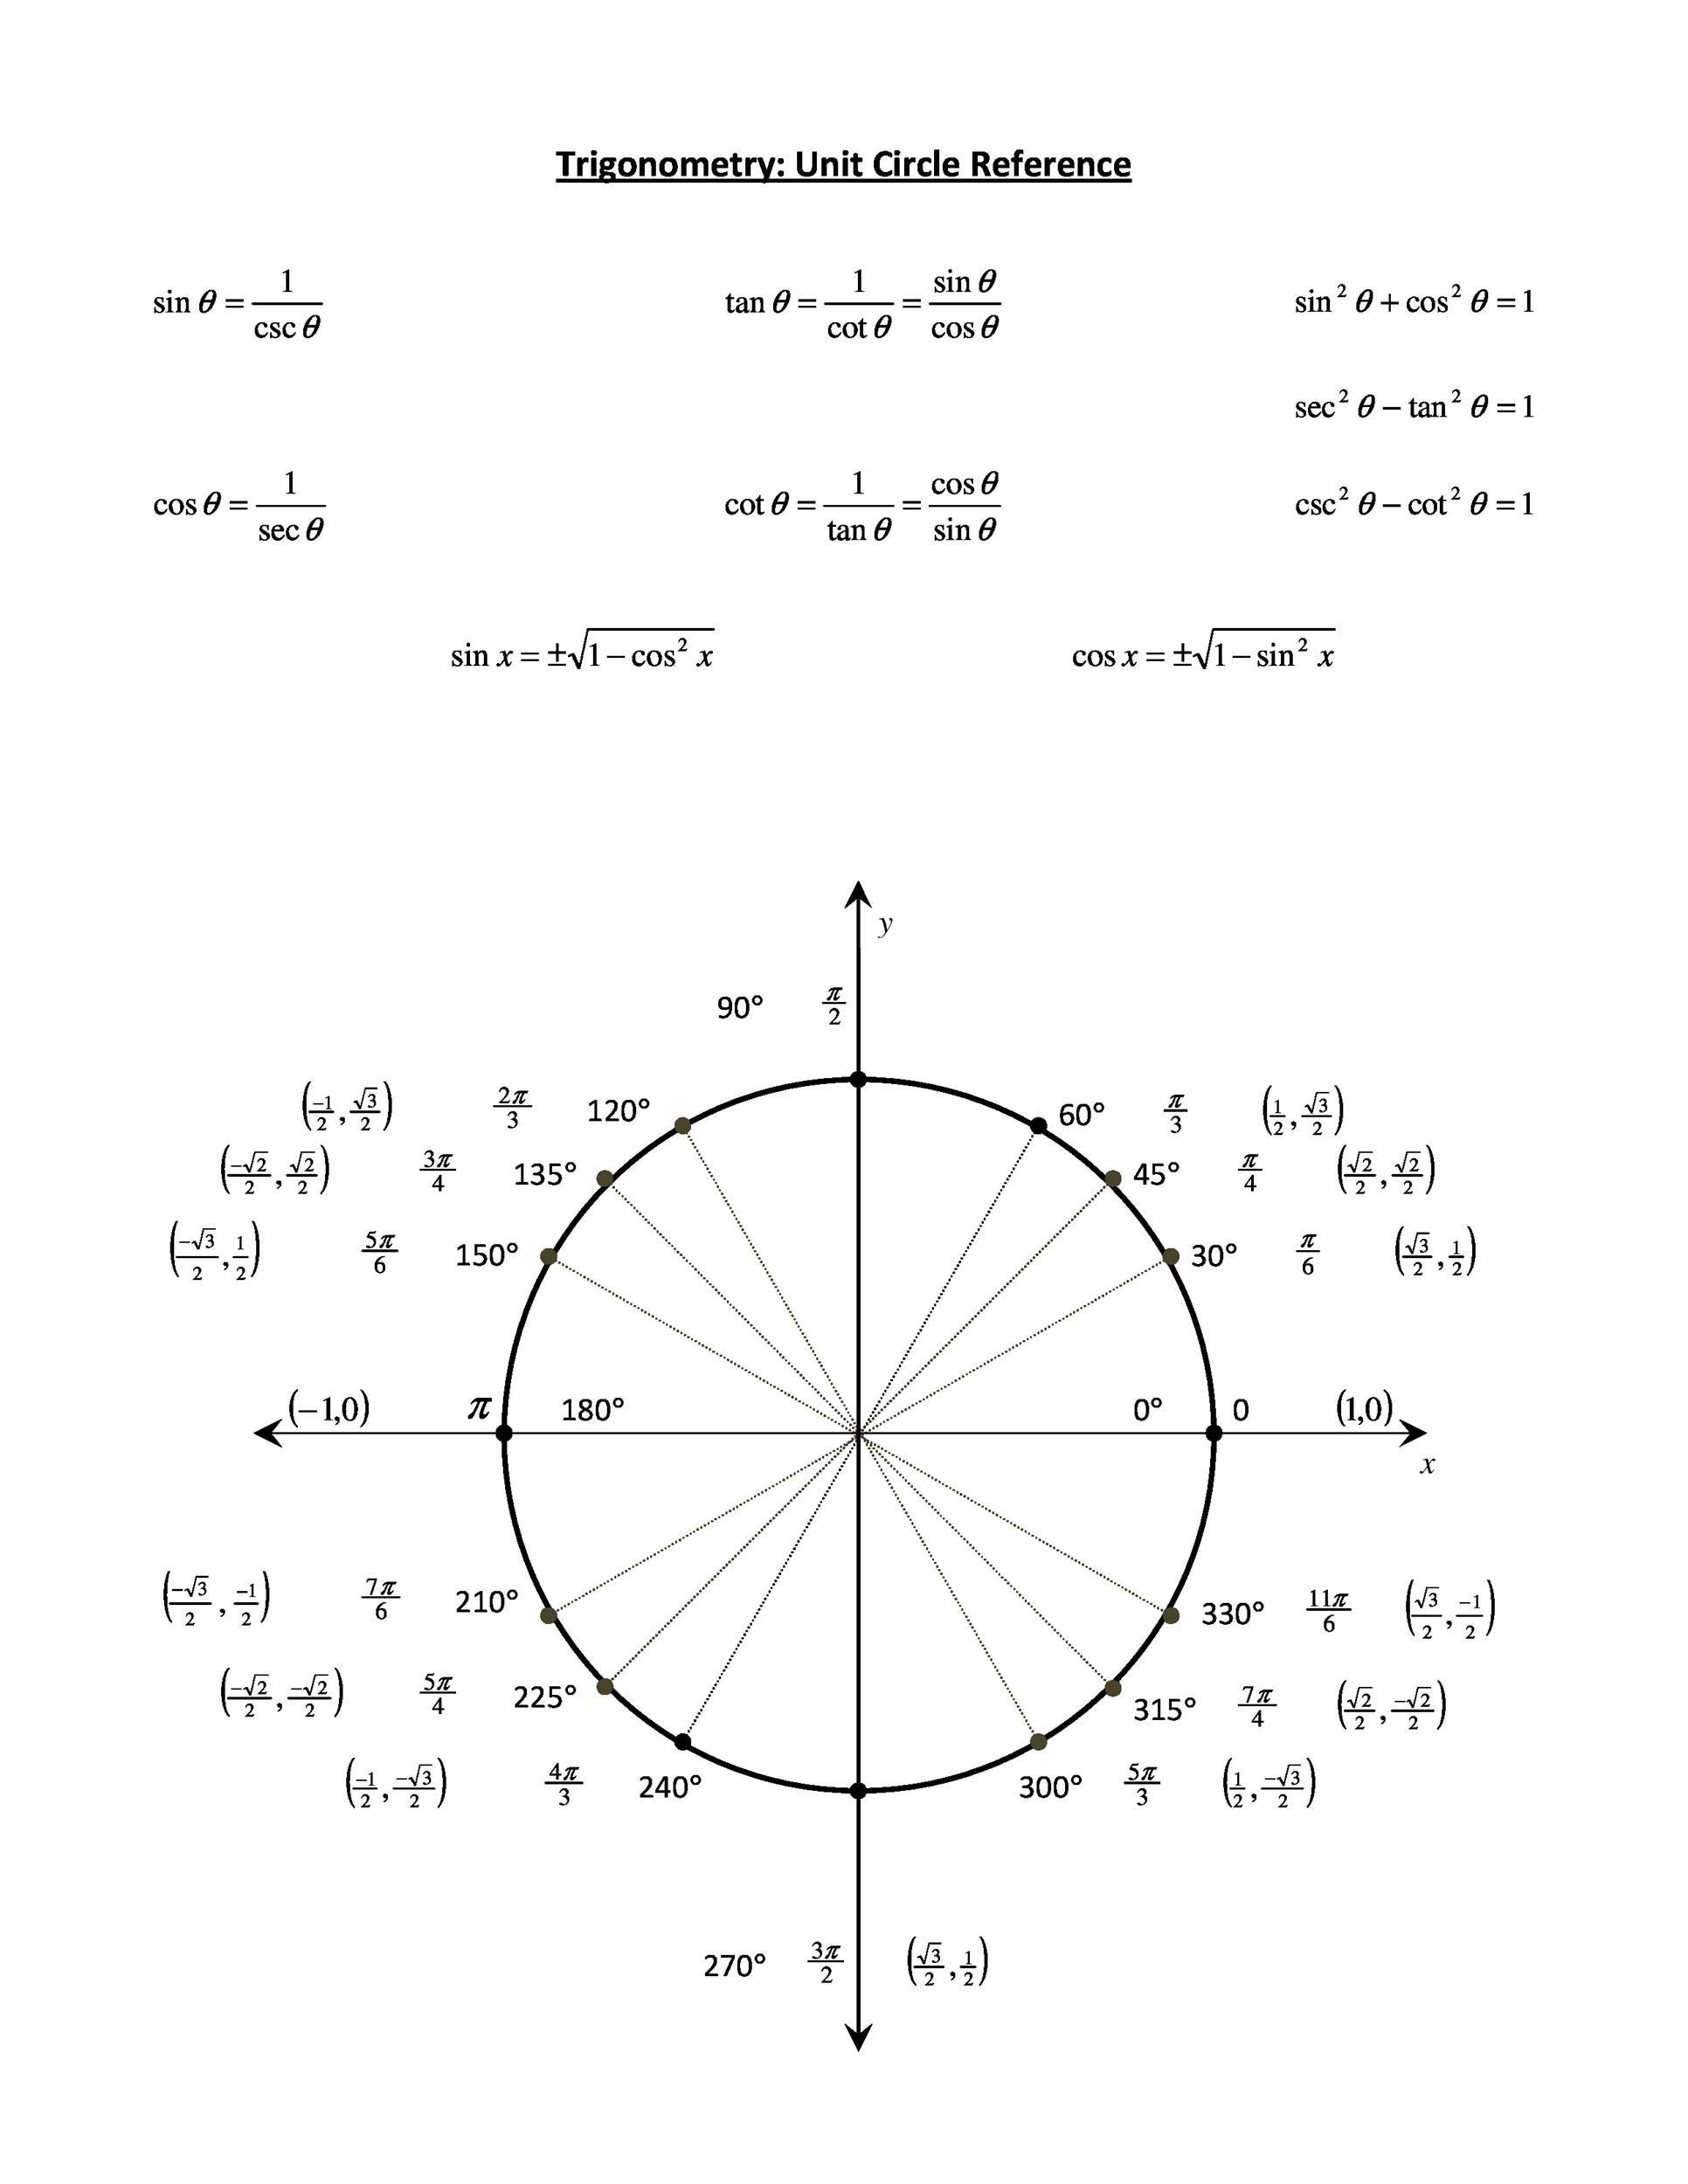 42 Printable Unit Circle Charts Amp Diagrams Sin Cos Tan